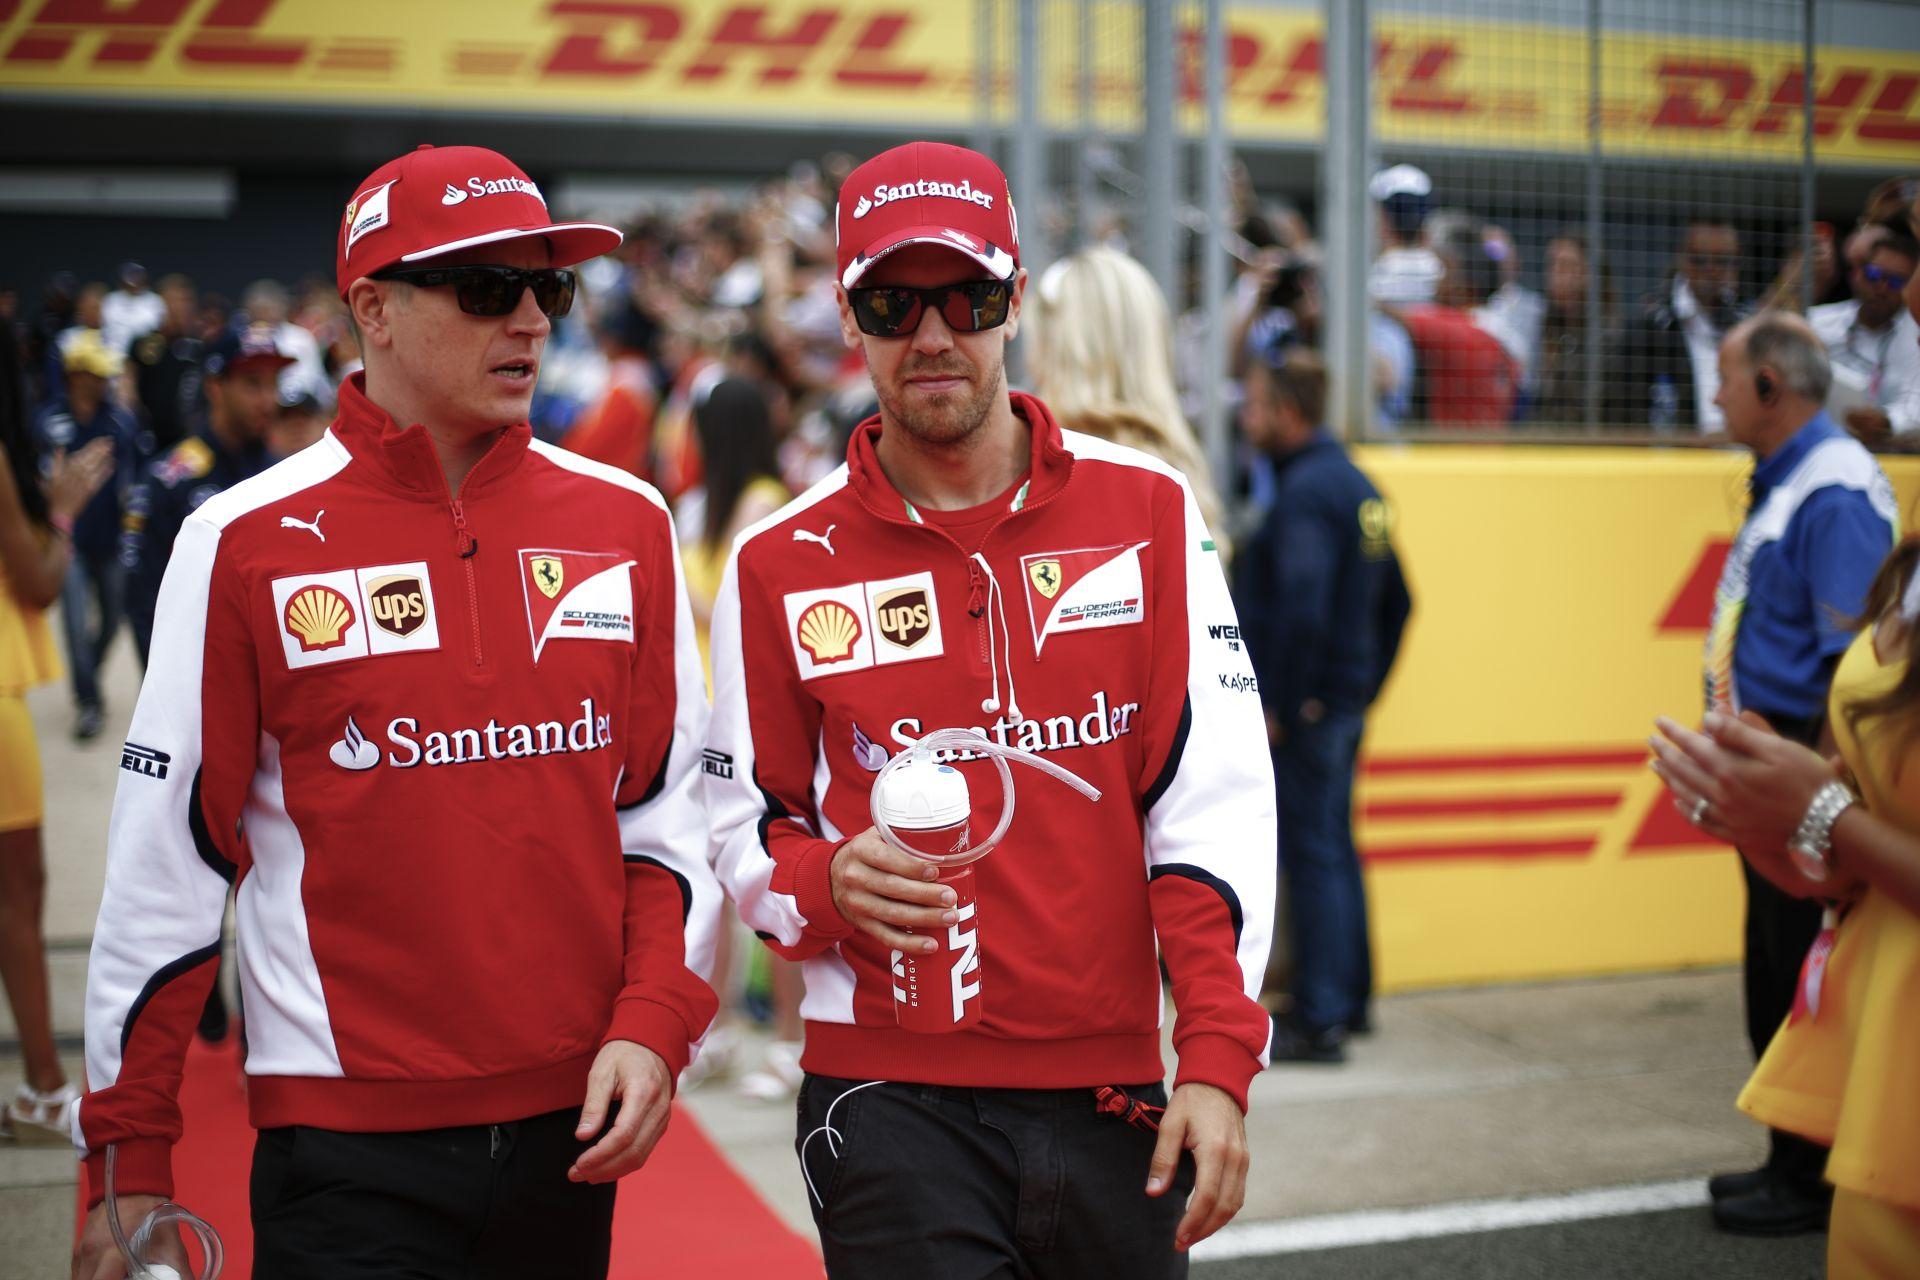 Verstappen már jövőre Raikkönen és Vettel csapattársa lehet a Ferrarinál?